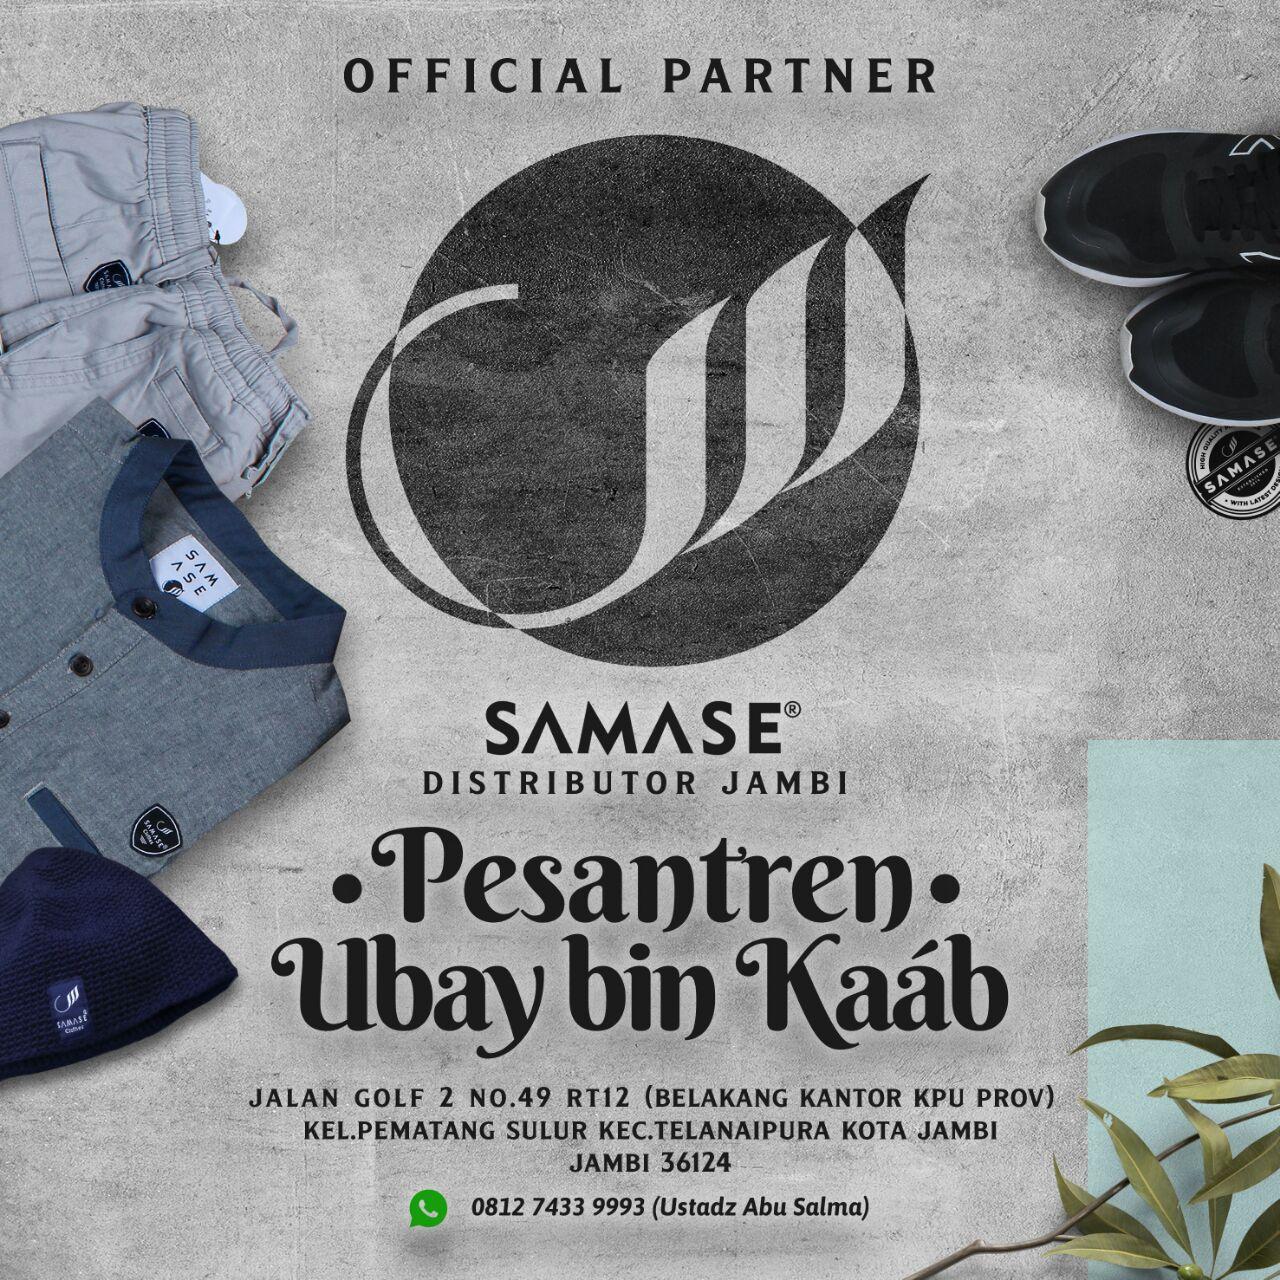 Distributor Samase Jambi